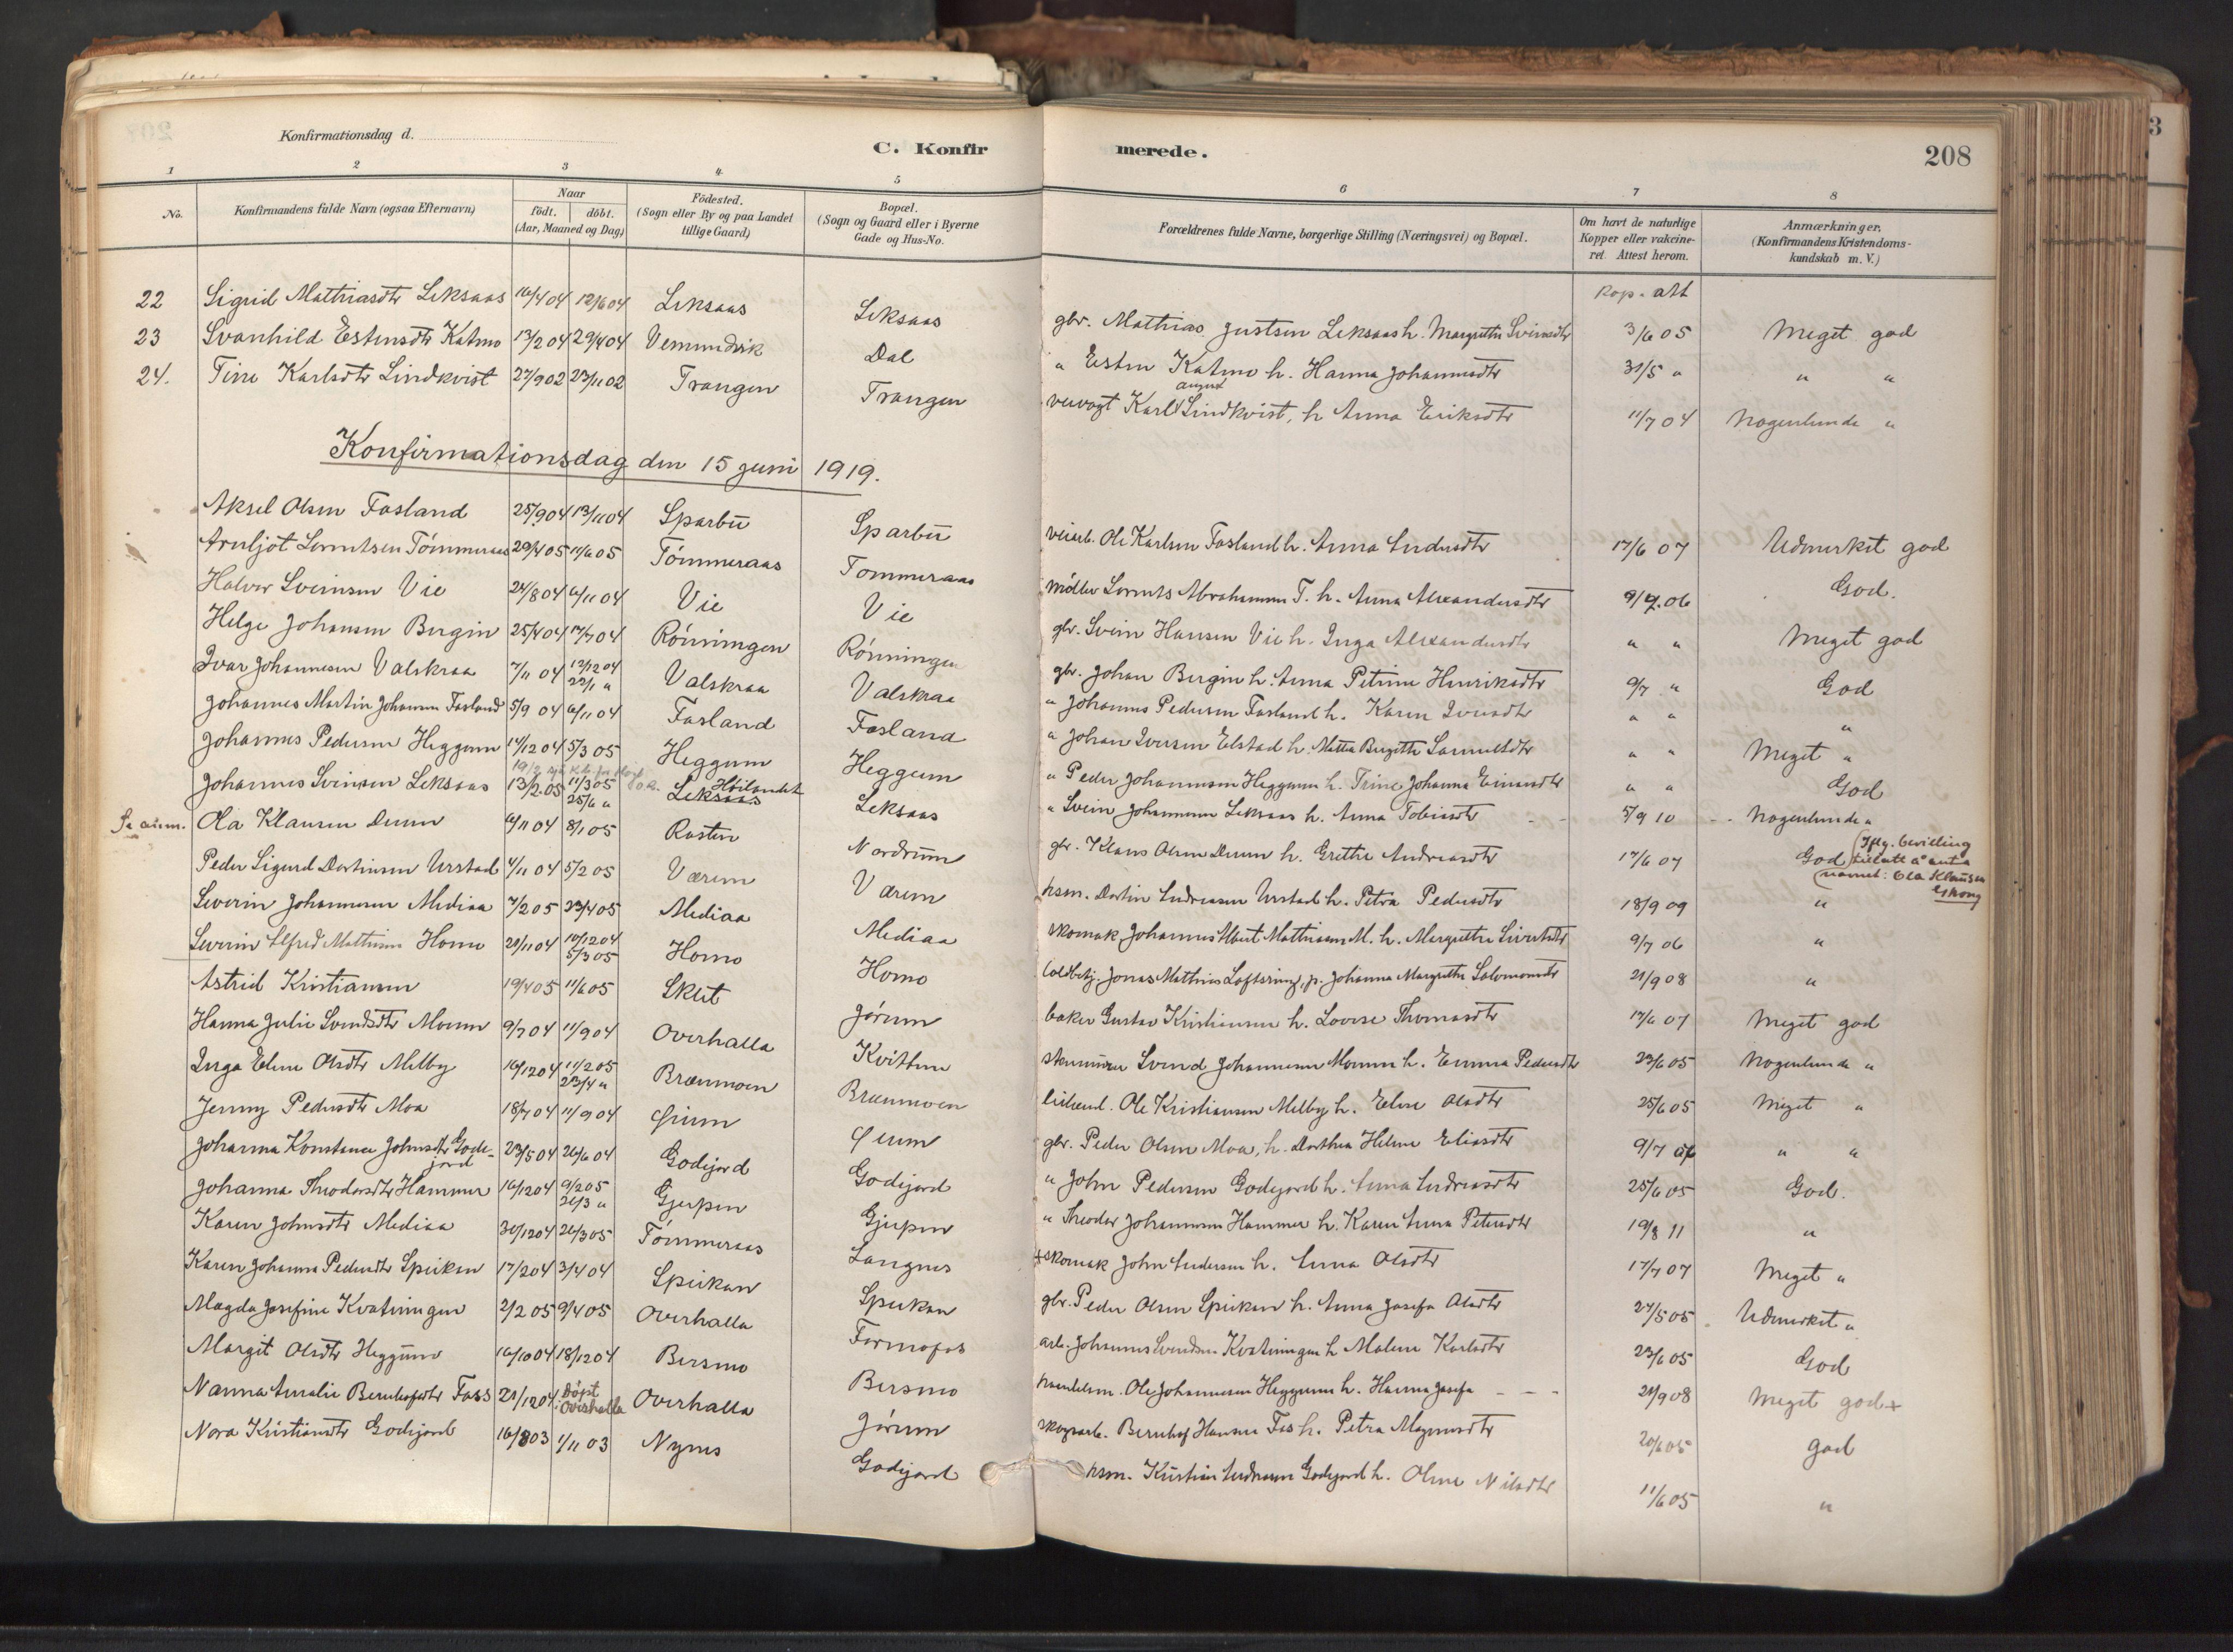 SAT, Ministerialprotokoller, klokkerbøker og fødselsregistre - Nord-Trøndelag, 758/L0519: Ministerialbok nr. 758A04, 1880-1926, s. 208